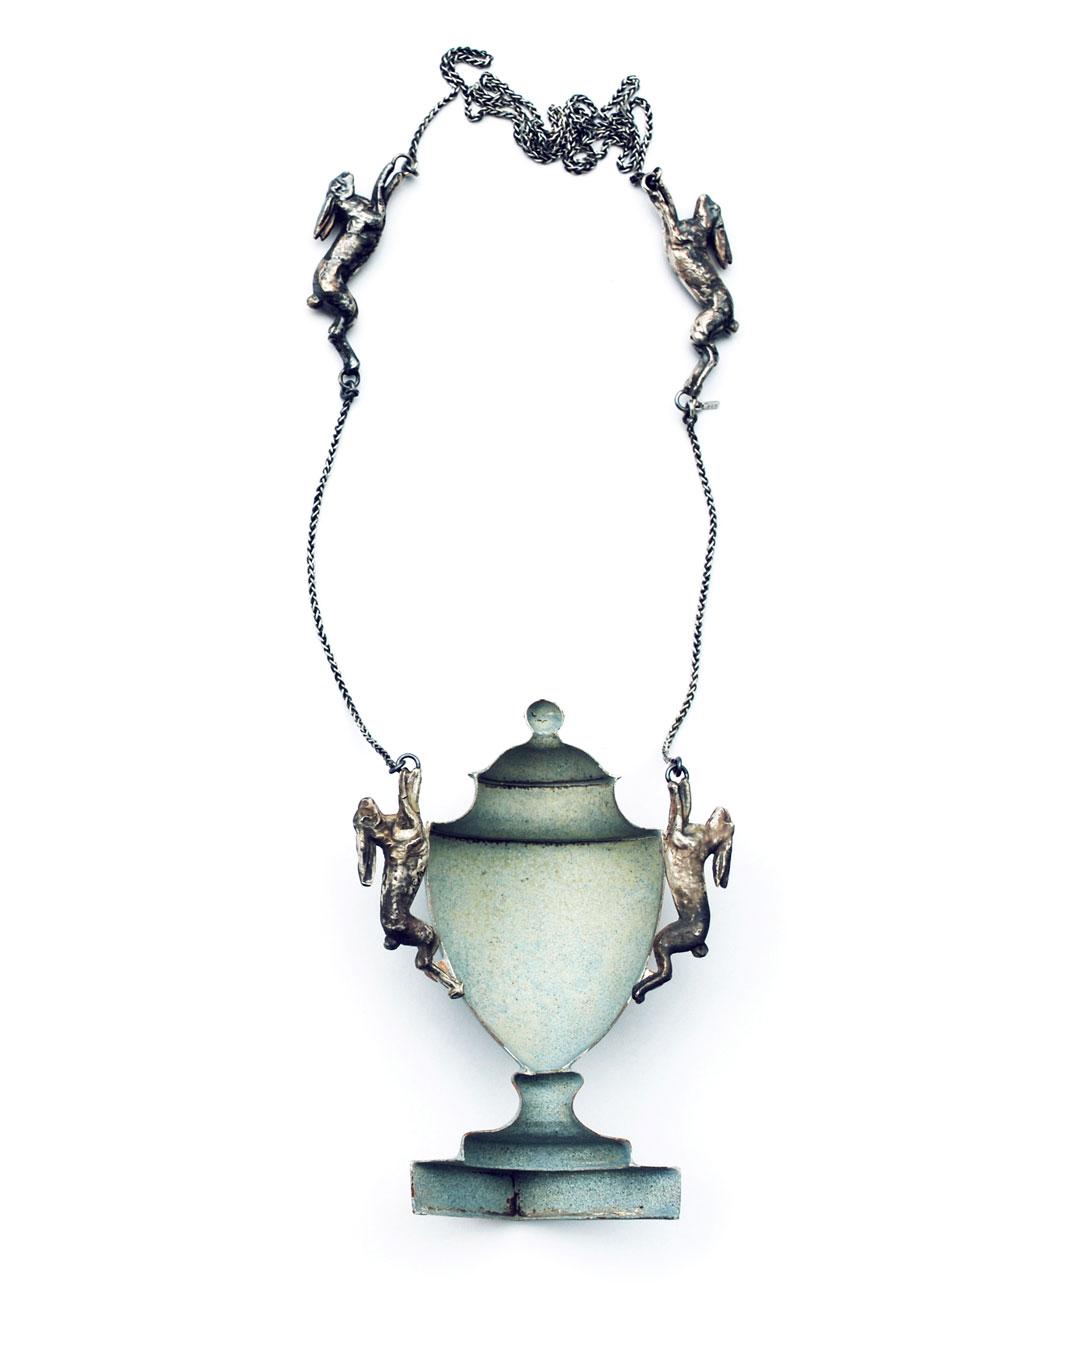 Vera Siemund, untitled, 2015, necklace; enamelled copper, silver, 80 x 100 x 30 mm, €1850